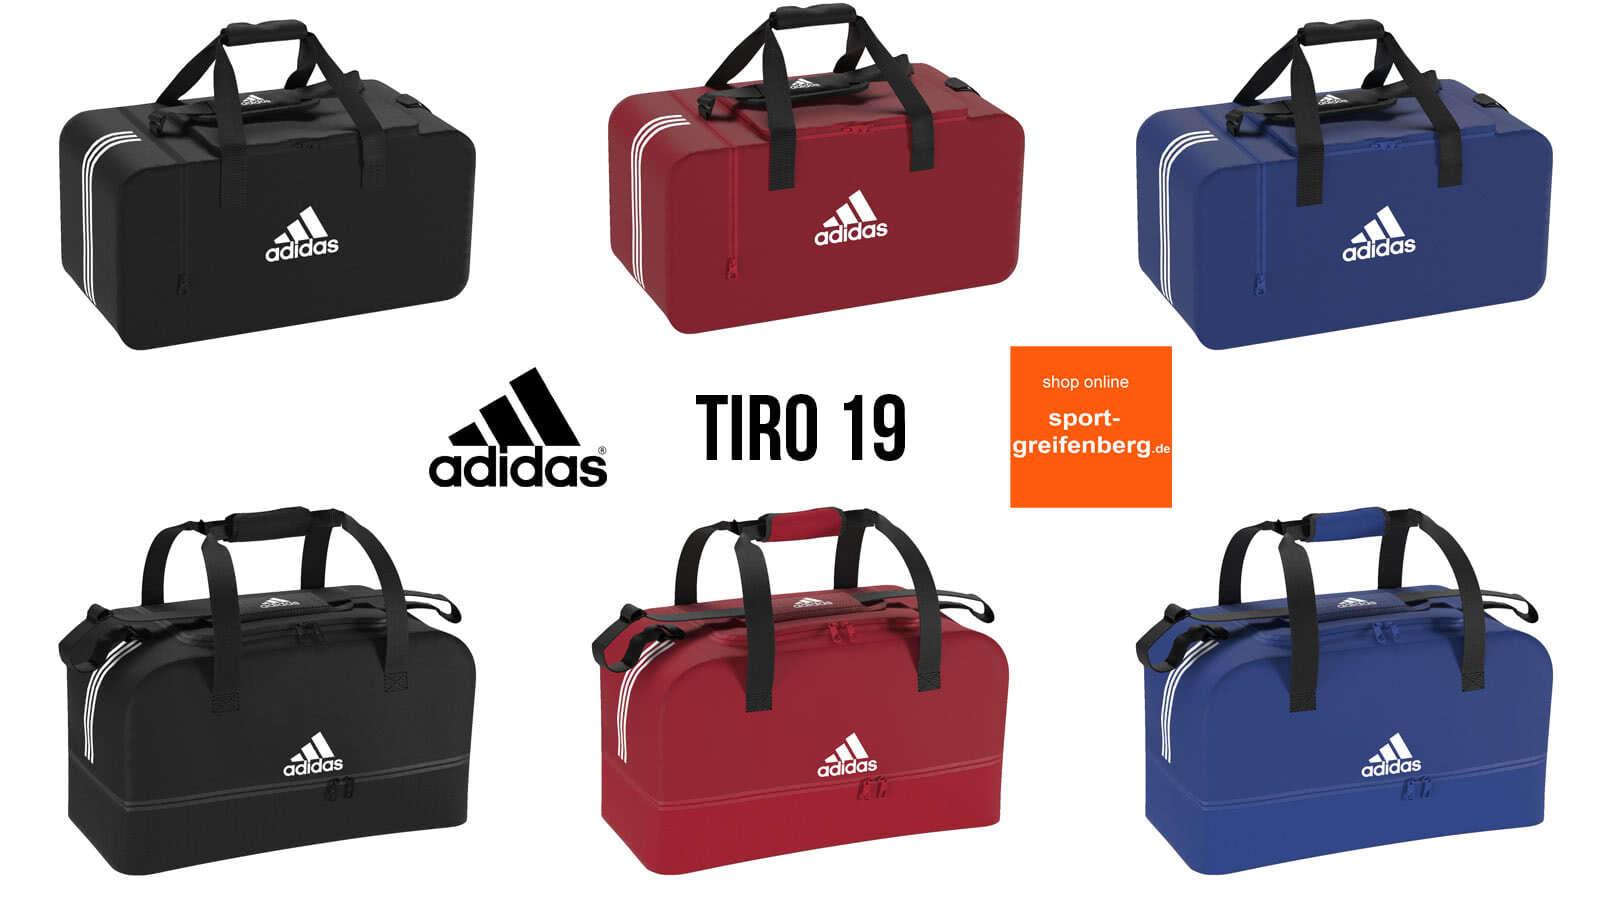 Tiro ✓ Sporttaschen Teambag Adidas 19 20192020 6wSdH